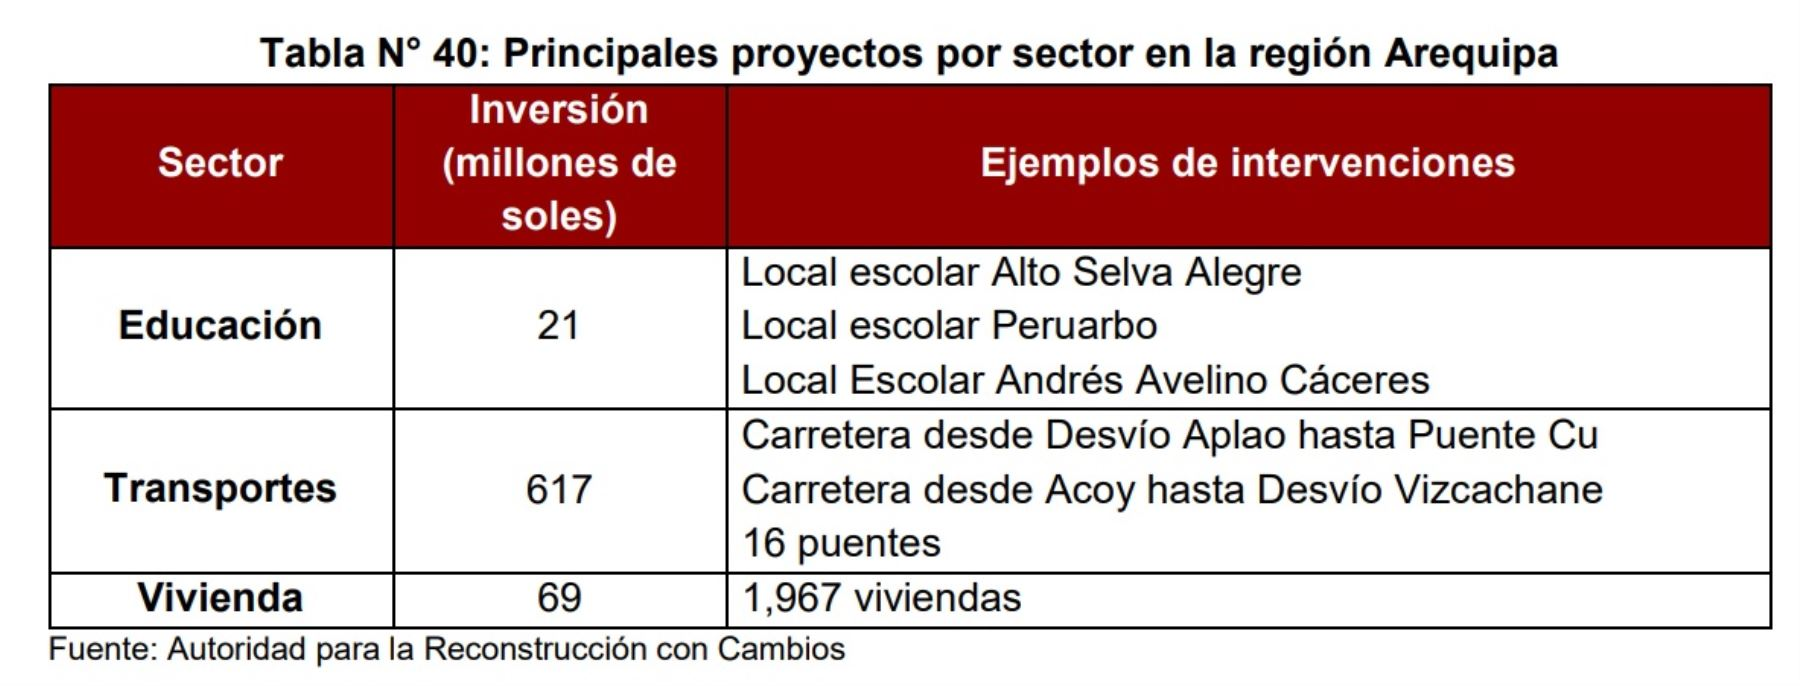 Principales proyectos por sector en la región Arequipa.